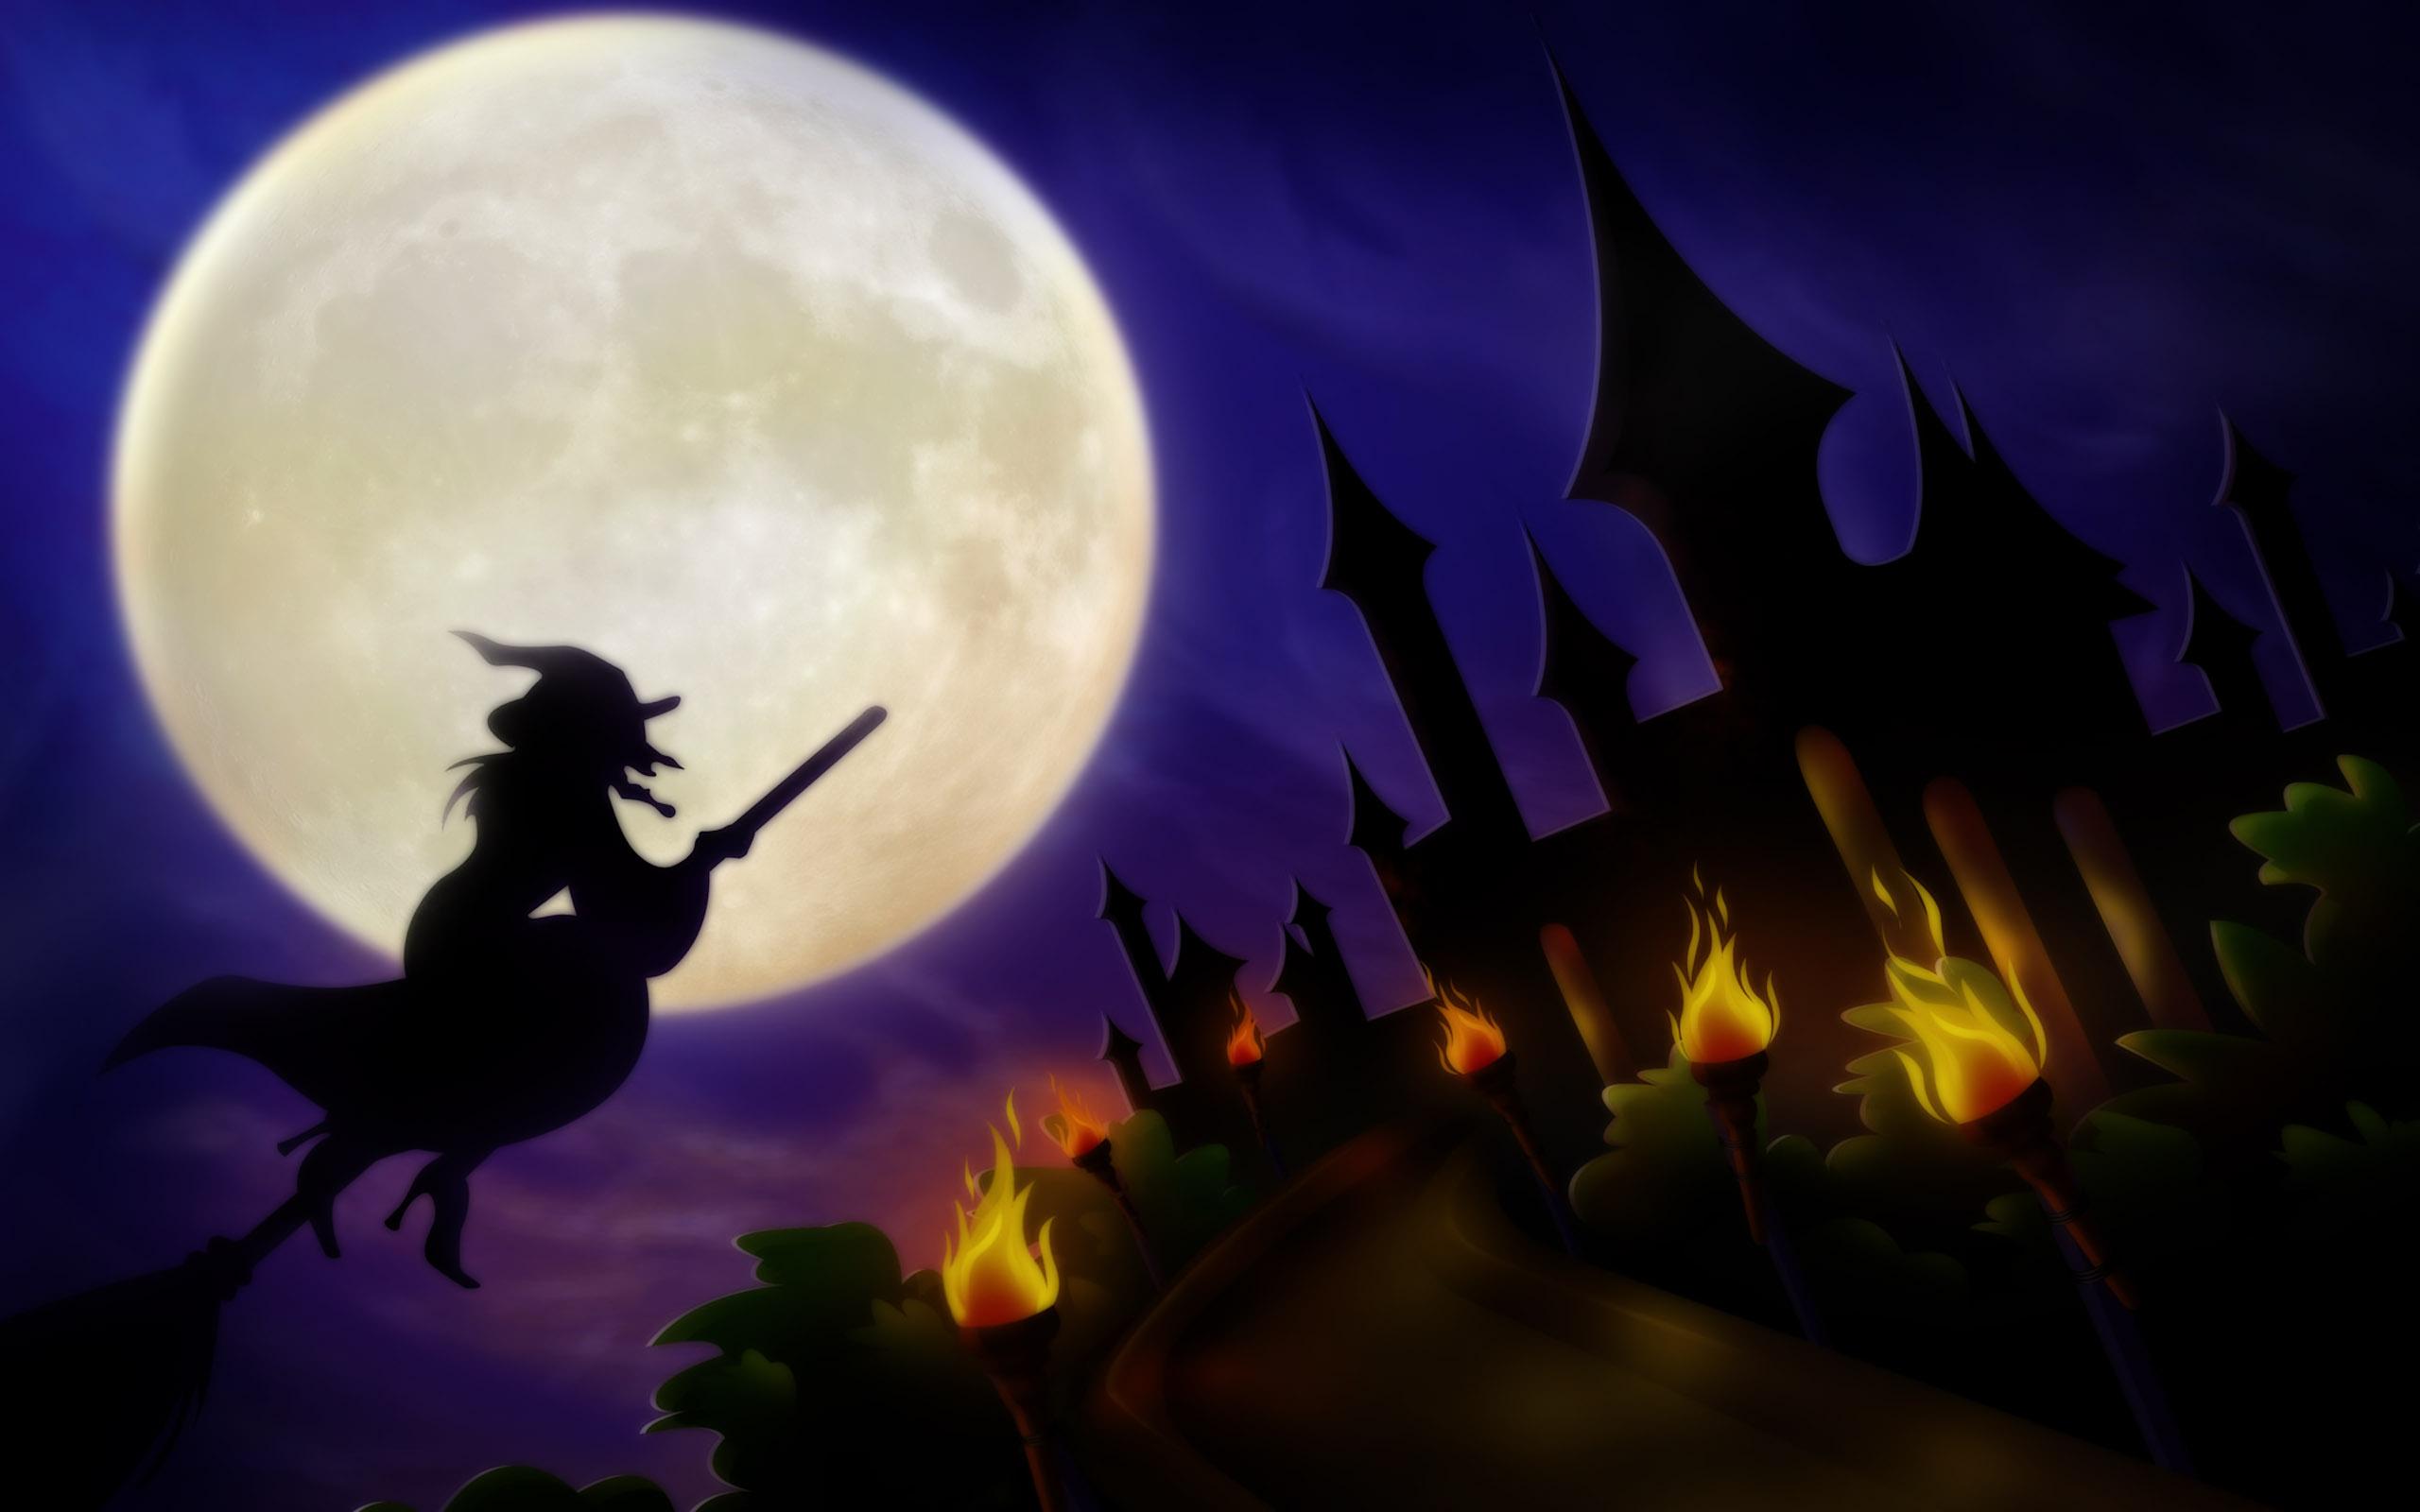 Halloween free desktop wallpapers for widescreen hd and mobile - Free widescreen halloween wallpaper ...